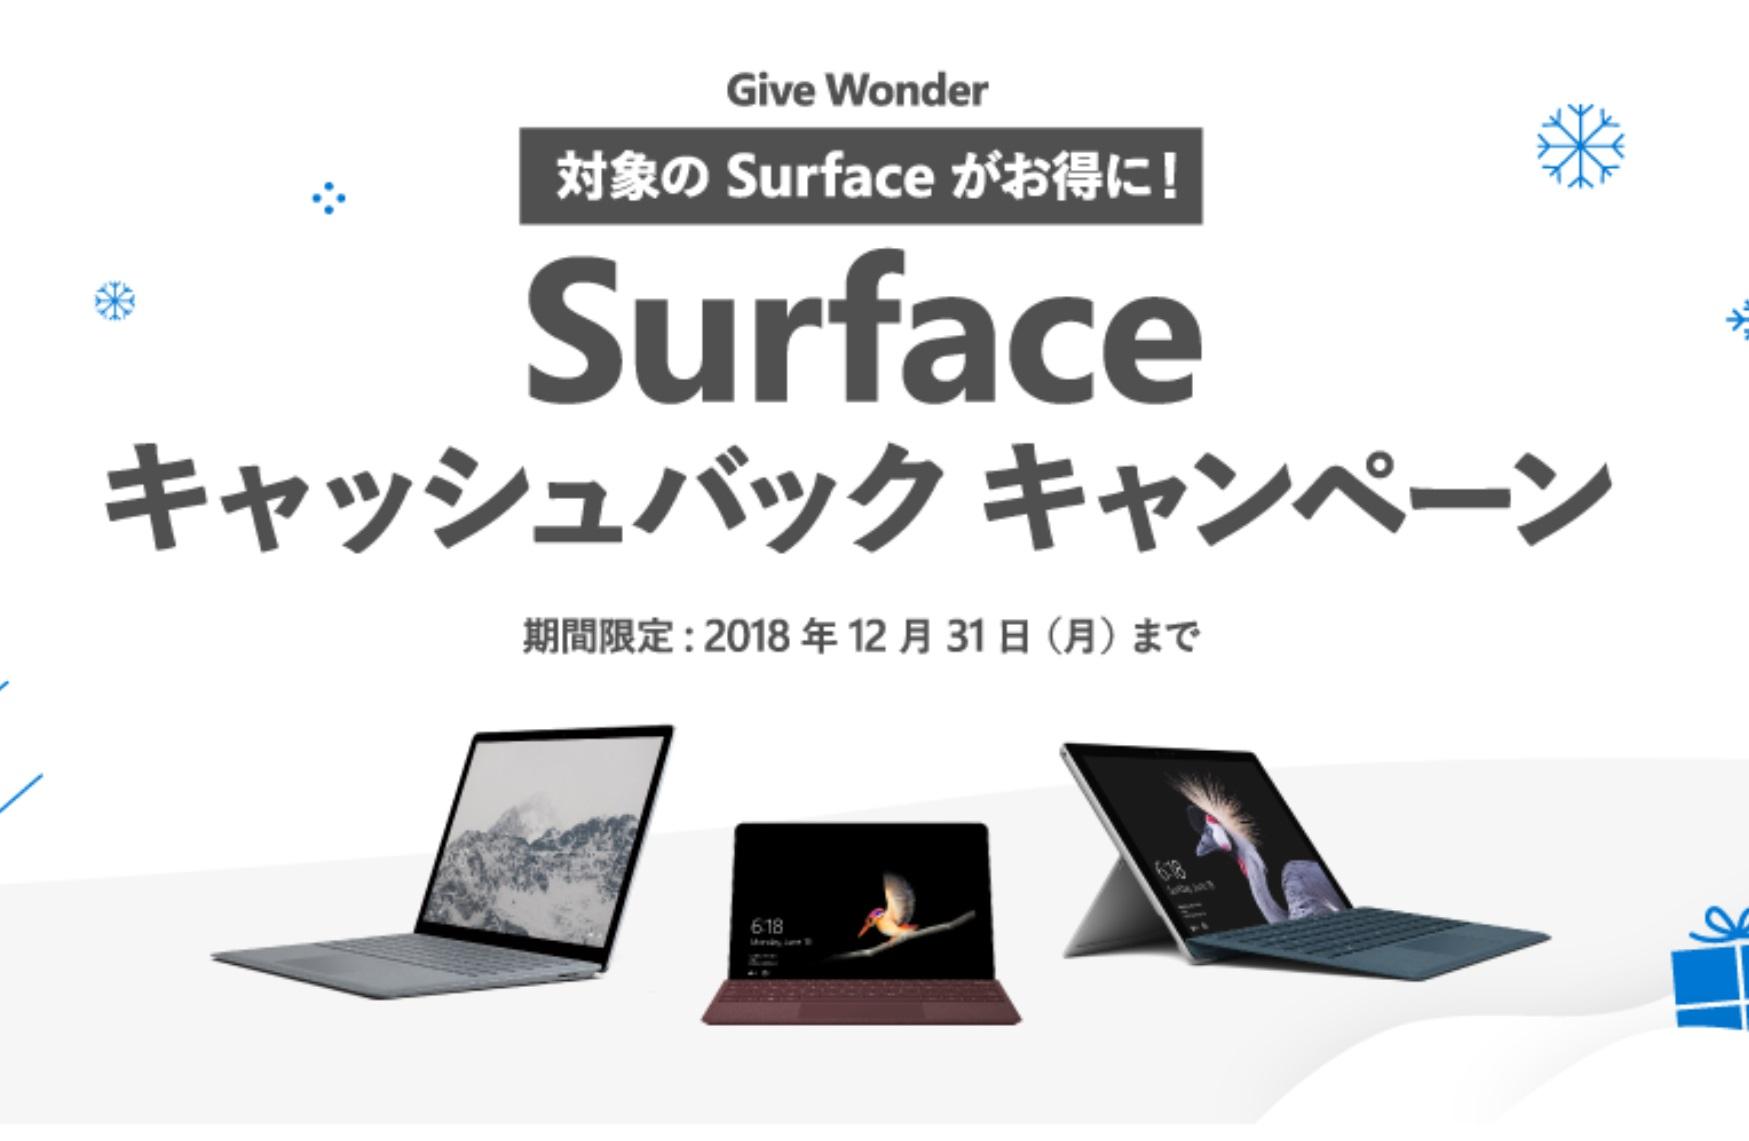 【2018年版】Surface|今年最後のお得キャンペーン情報